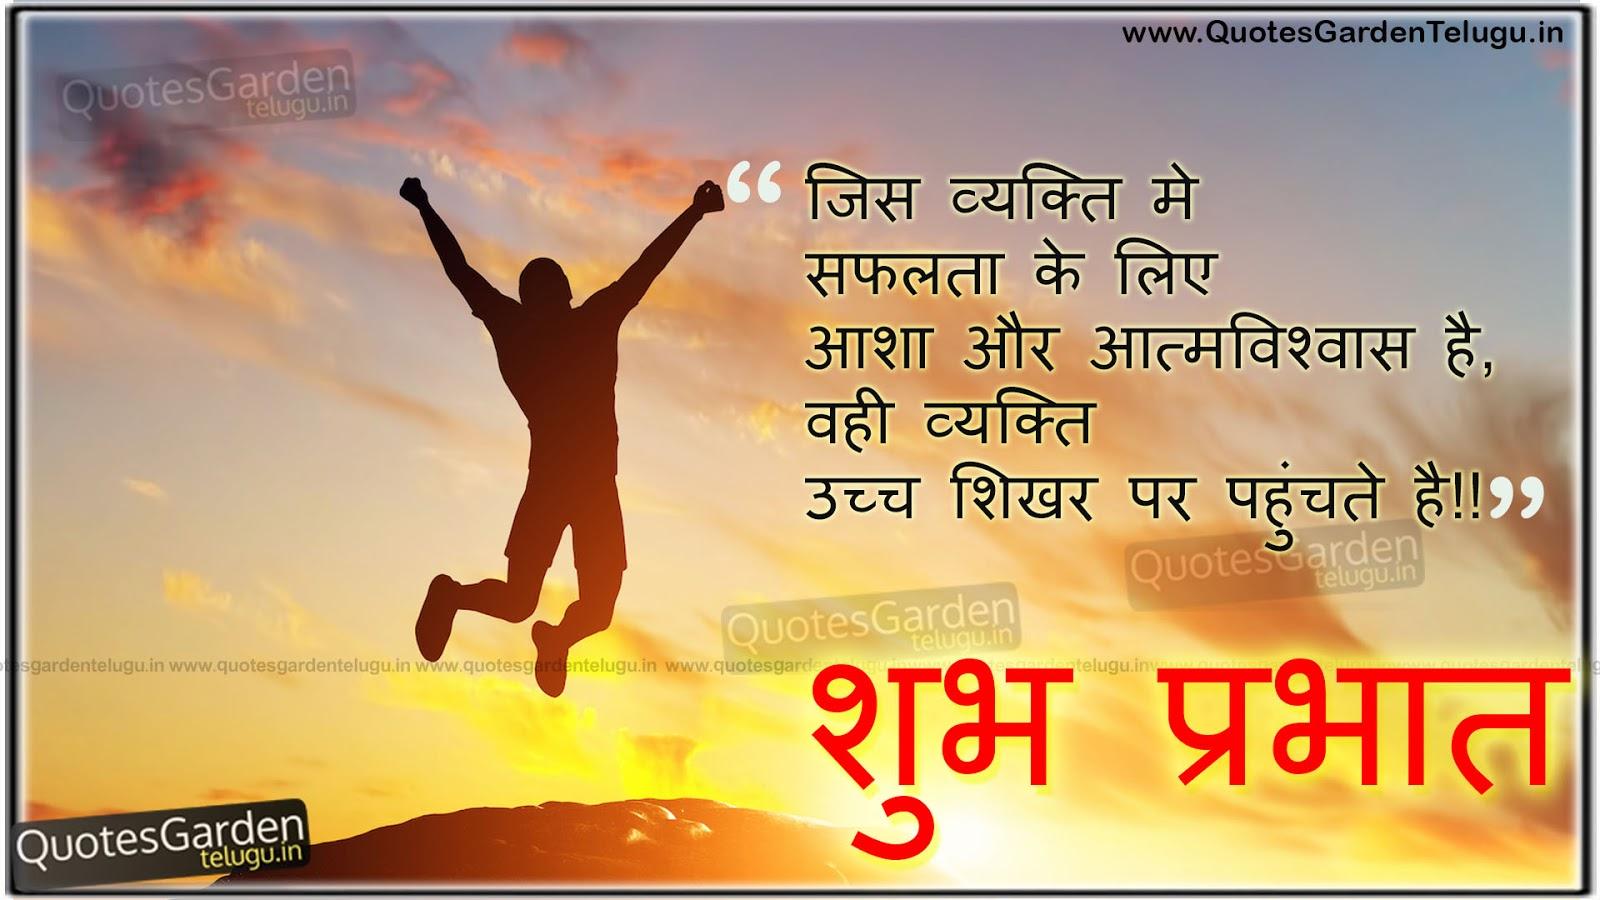 Best Good Morning Greetings Hindi Shayari Quotes Garden Telugu